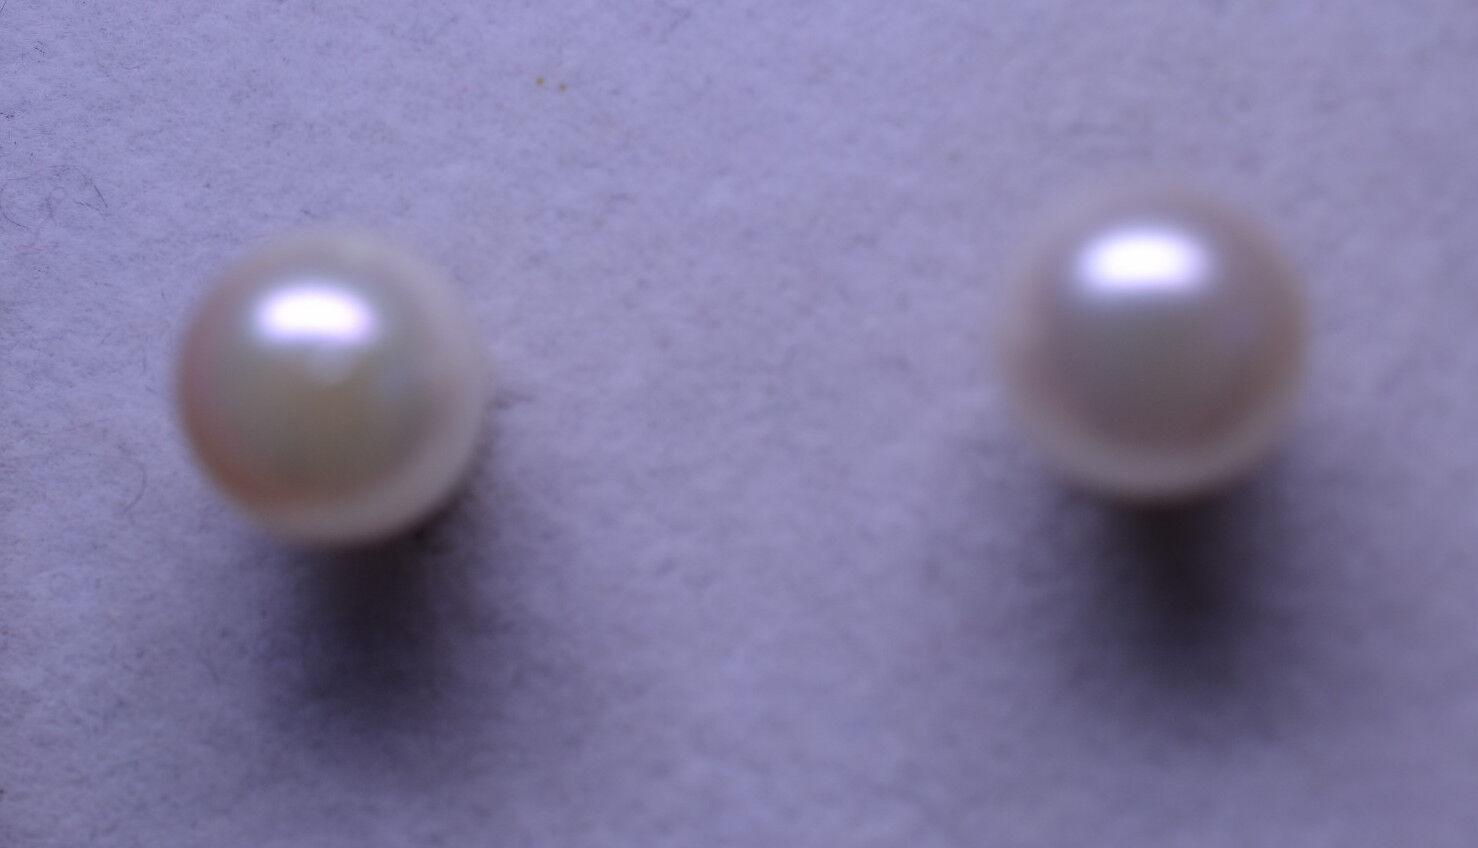 14K YELLOW gold 7.9 MM PEARL STUD PIERCED POST EARRINGS